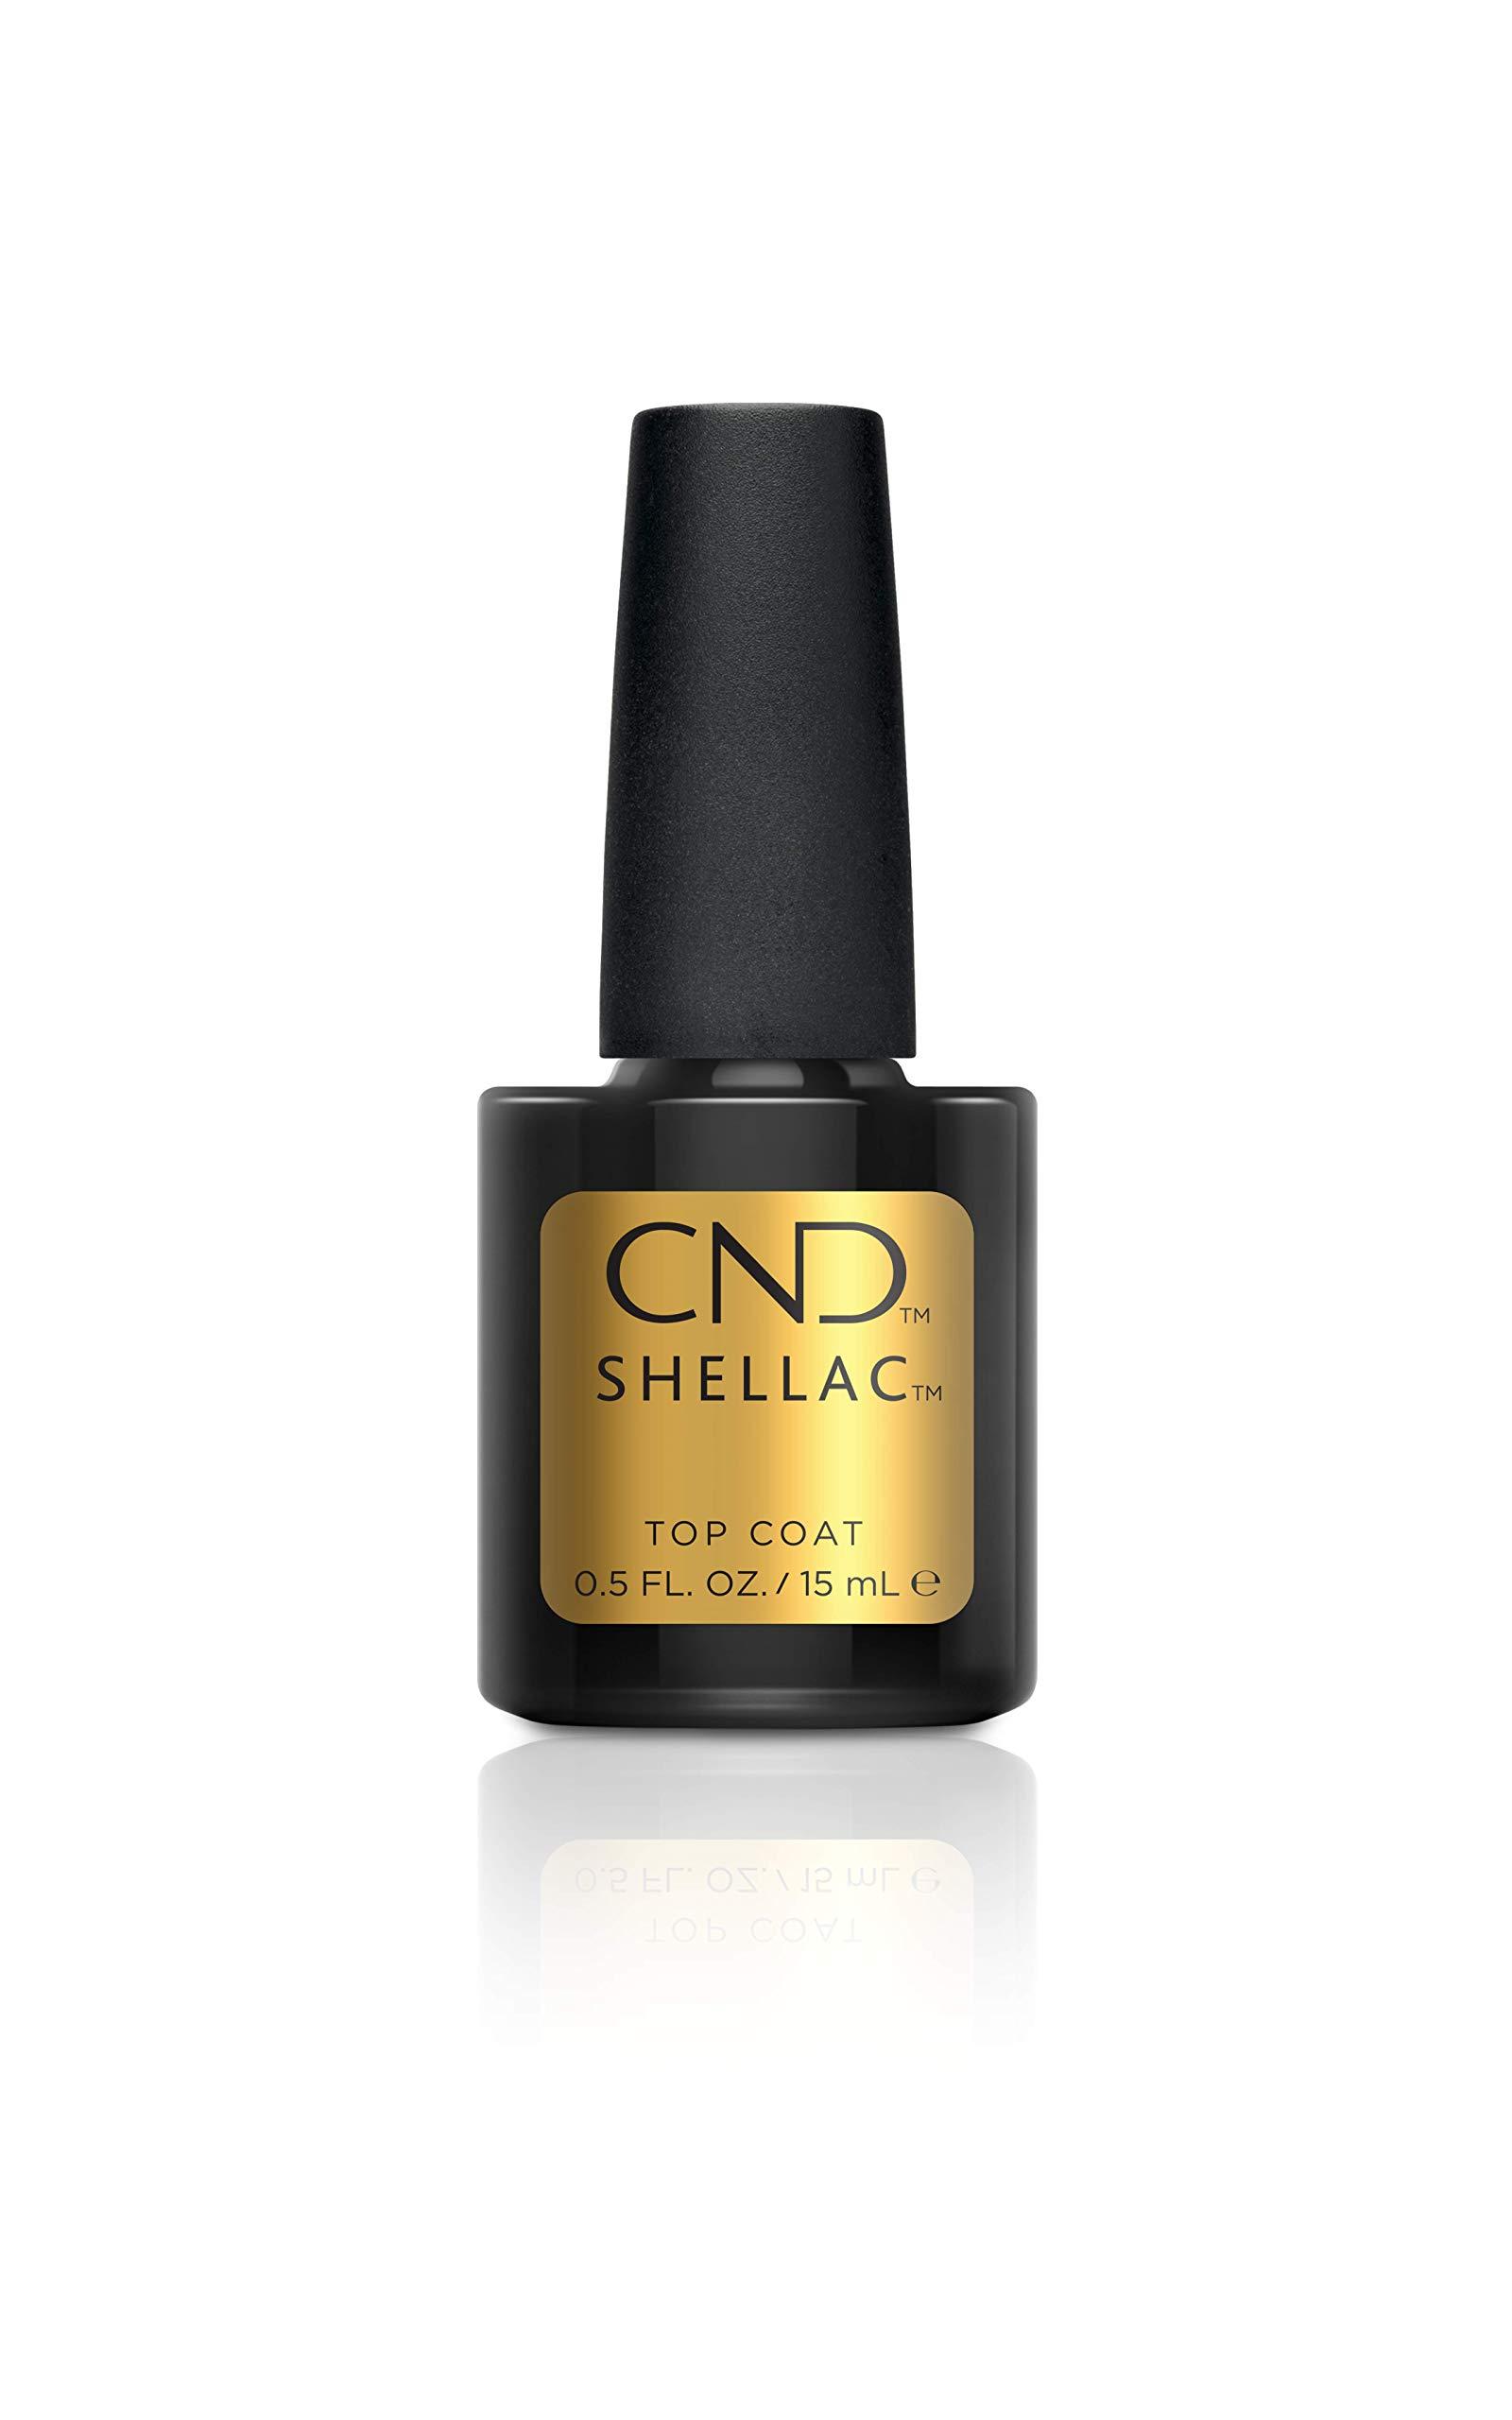 CND Shellac Top Coat Nail Polish, 15 ml